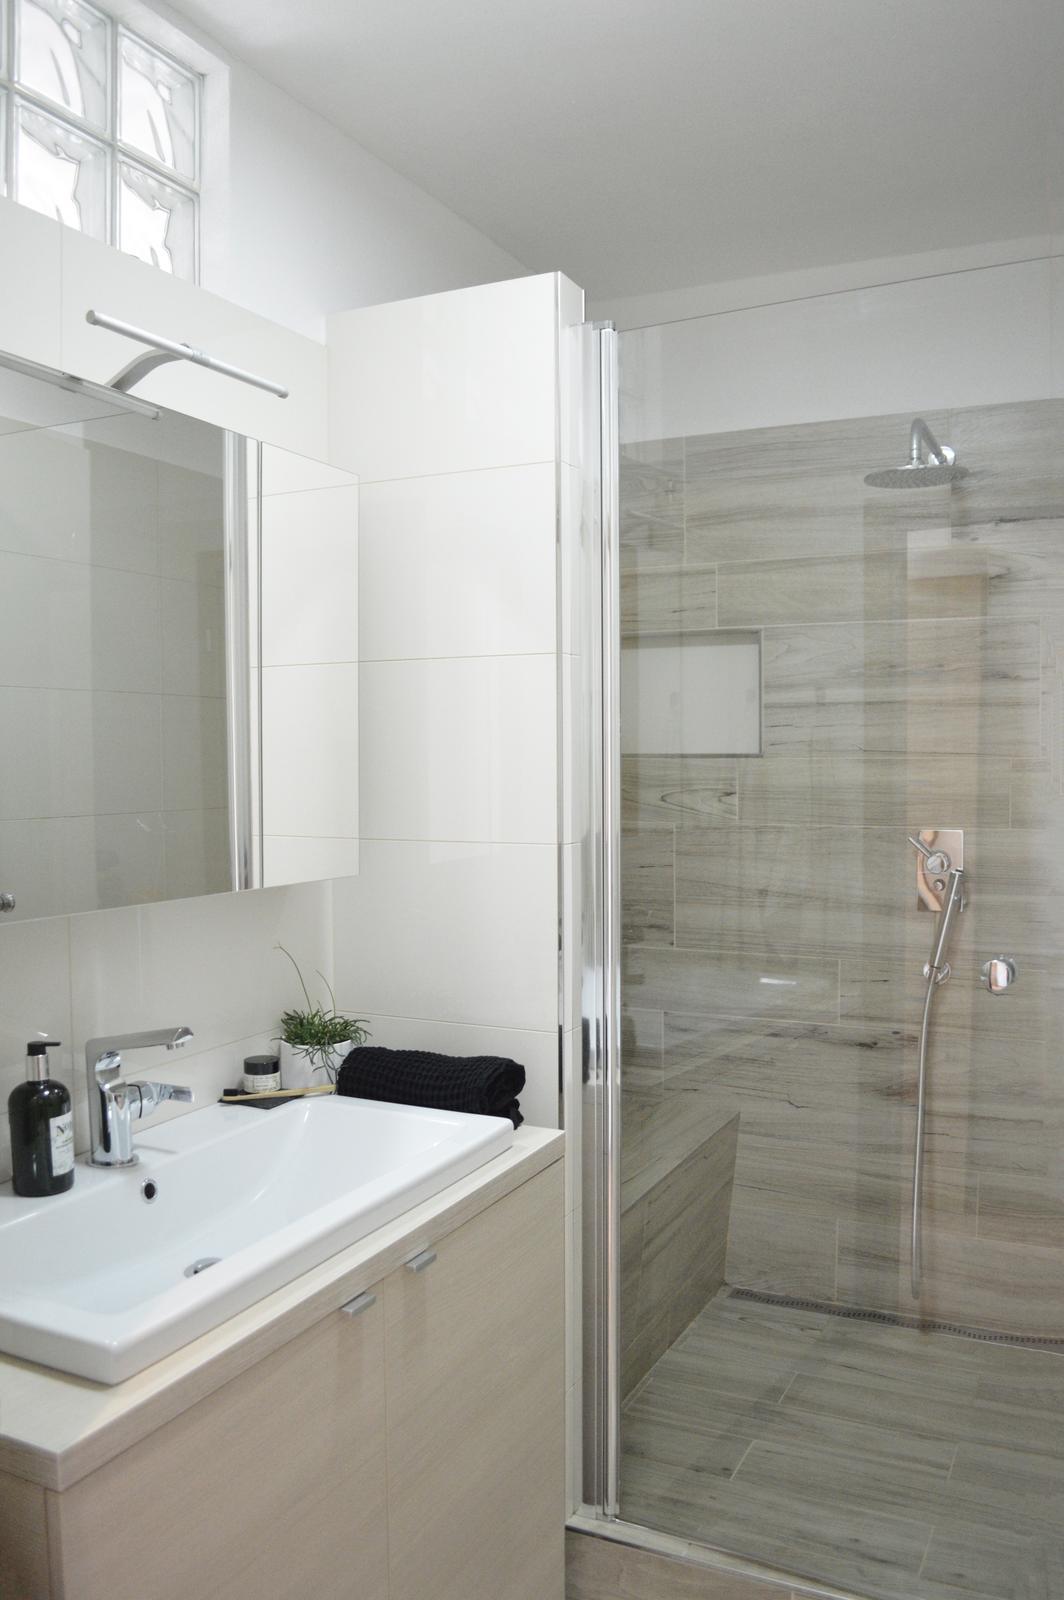 🖤 keď drobnosti robia radosť 🖤 - tie naše panelákové kúpeľne sú tak maličké... ale na hygienu stačia :)